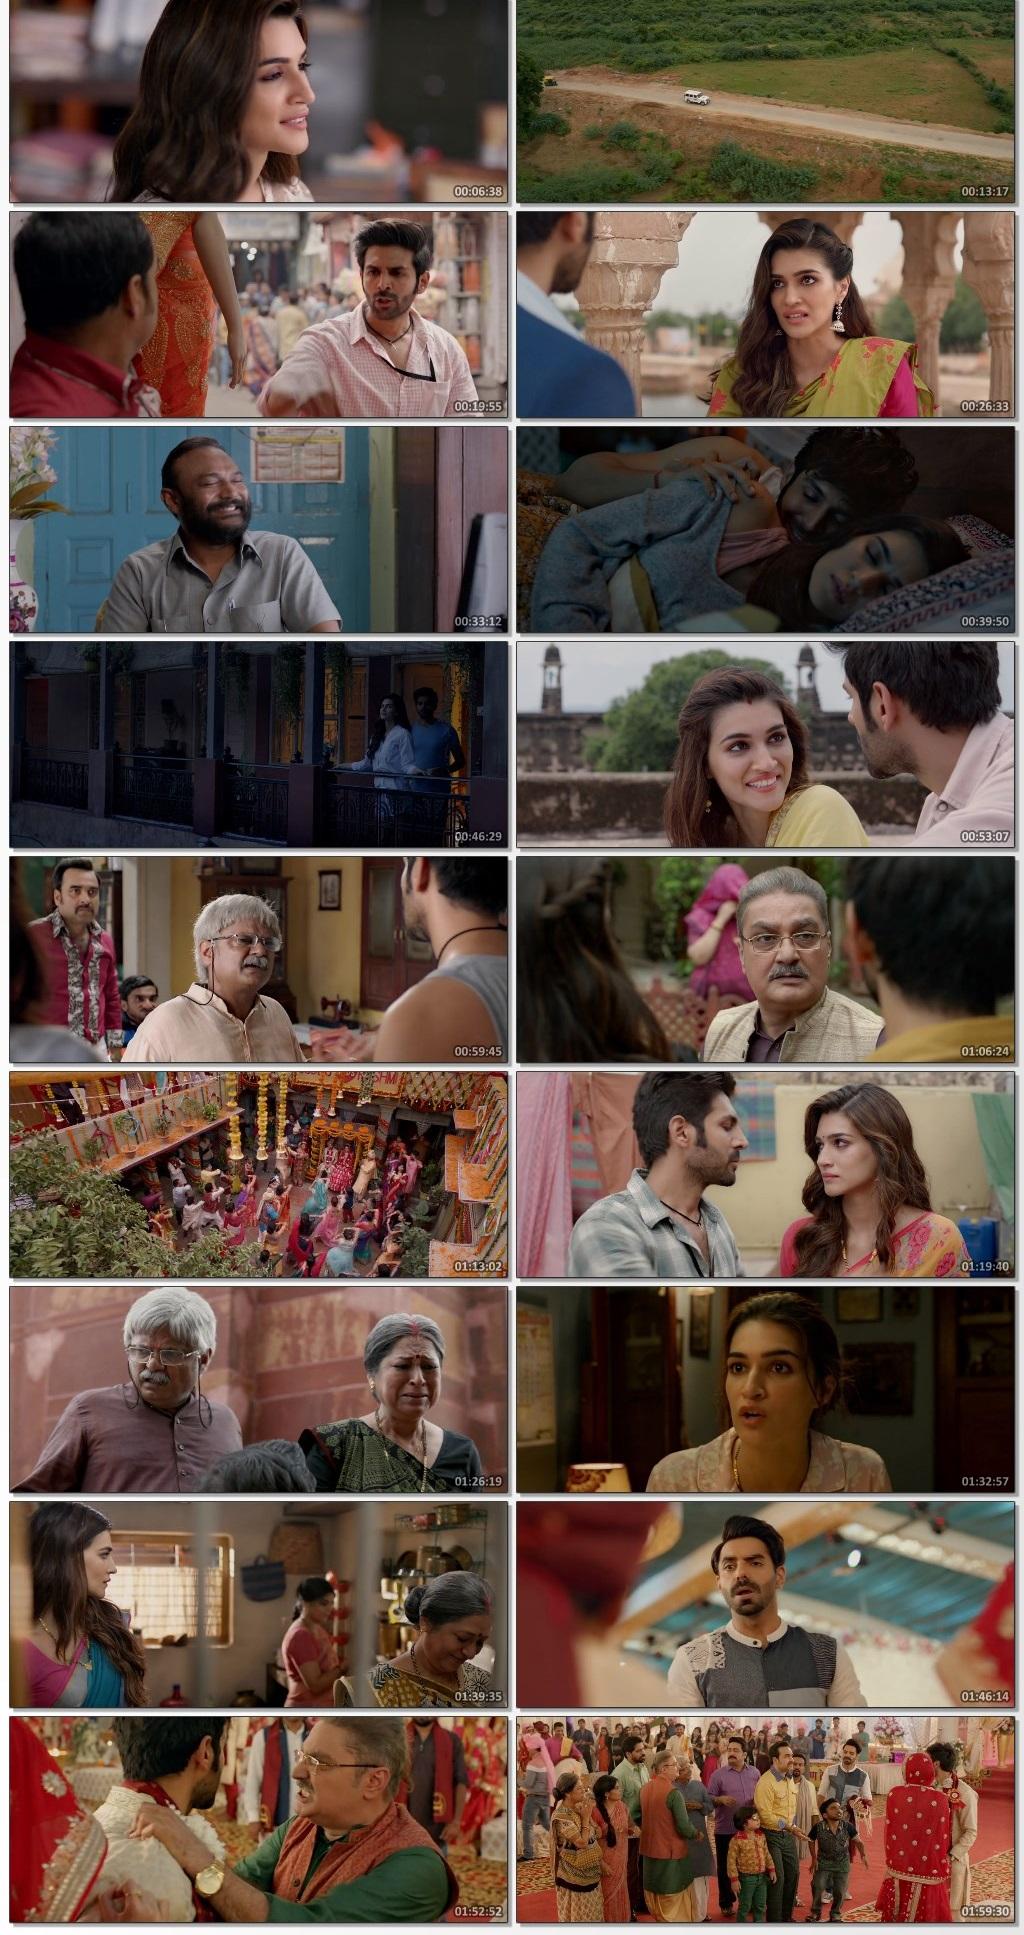 Luka-Chuppi-2019-Hindi-www-7-Star-HD-Page-720p-WEB-DL-x264-x264-1-mkv-thumbs